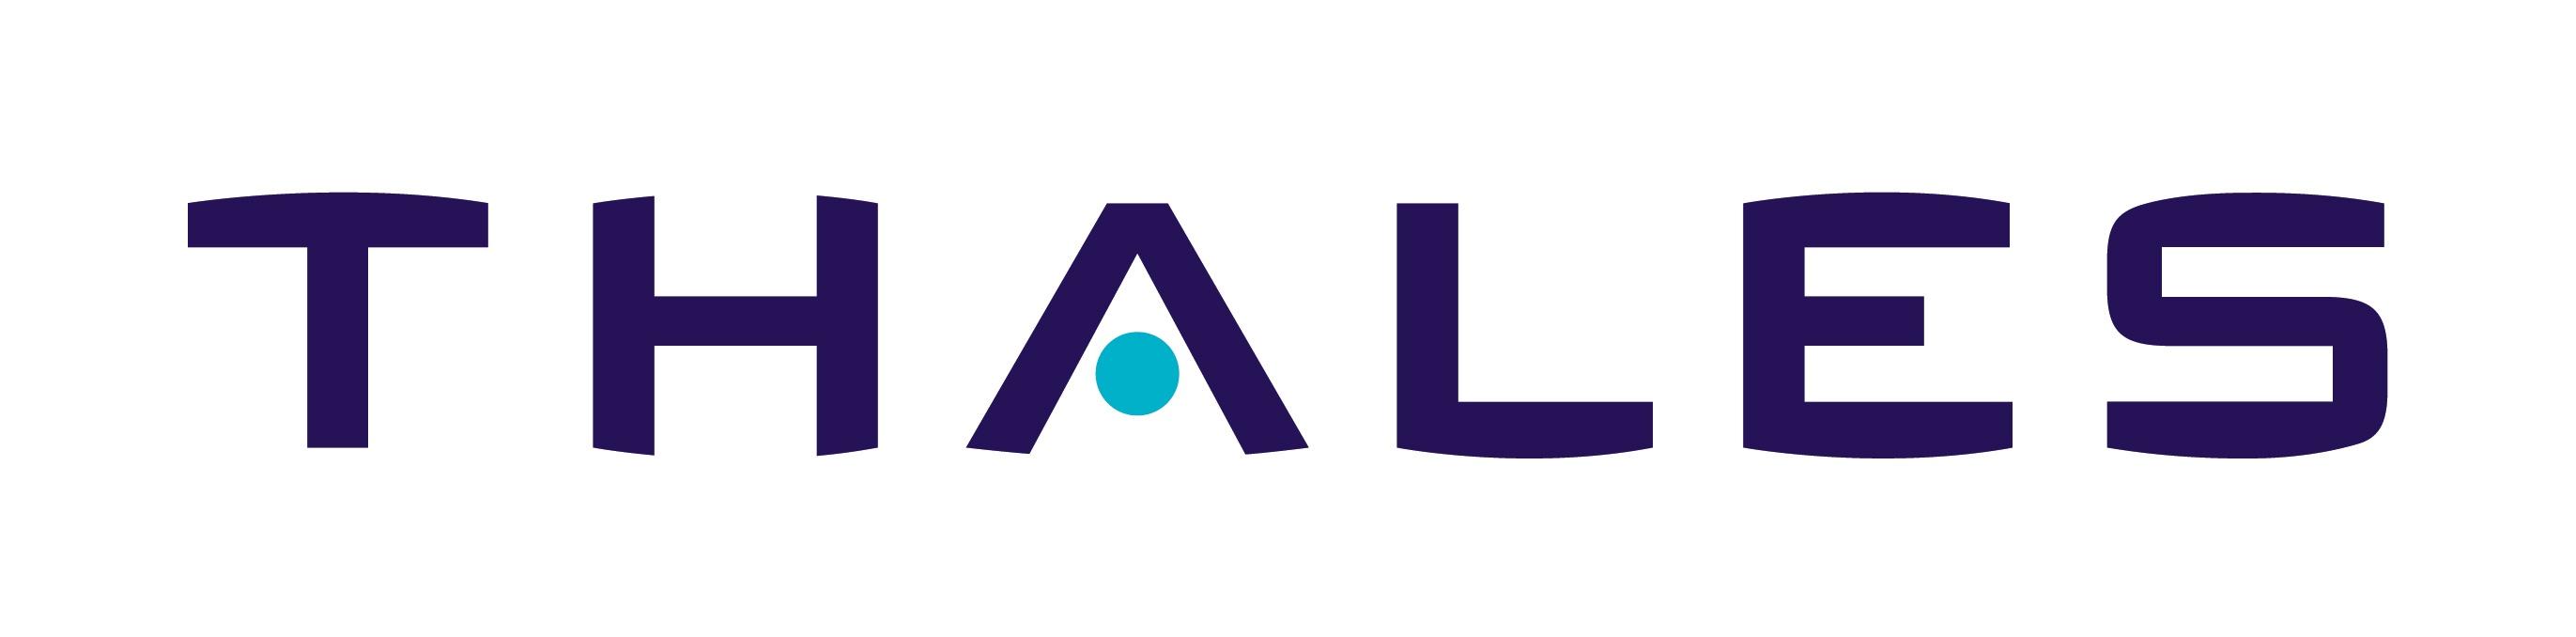 Pinnacle Client - Thales